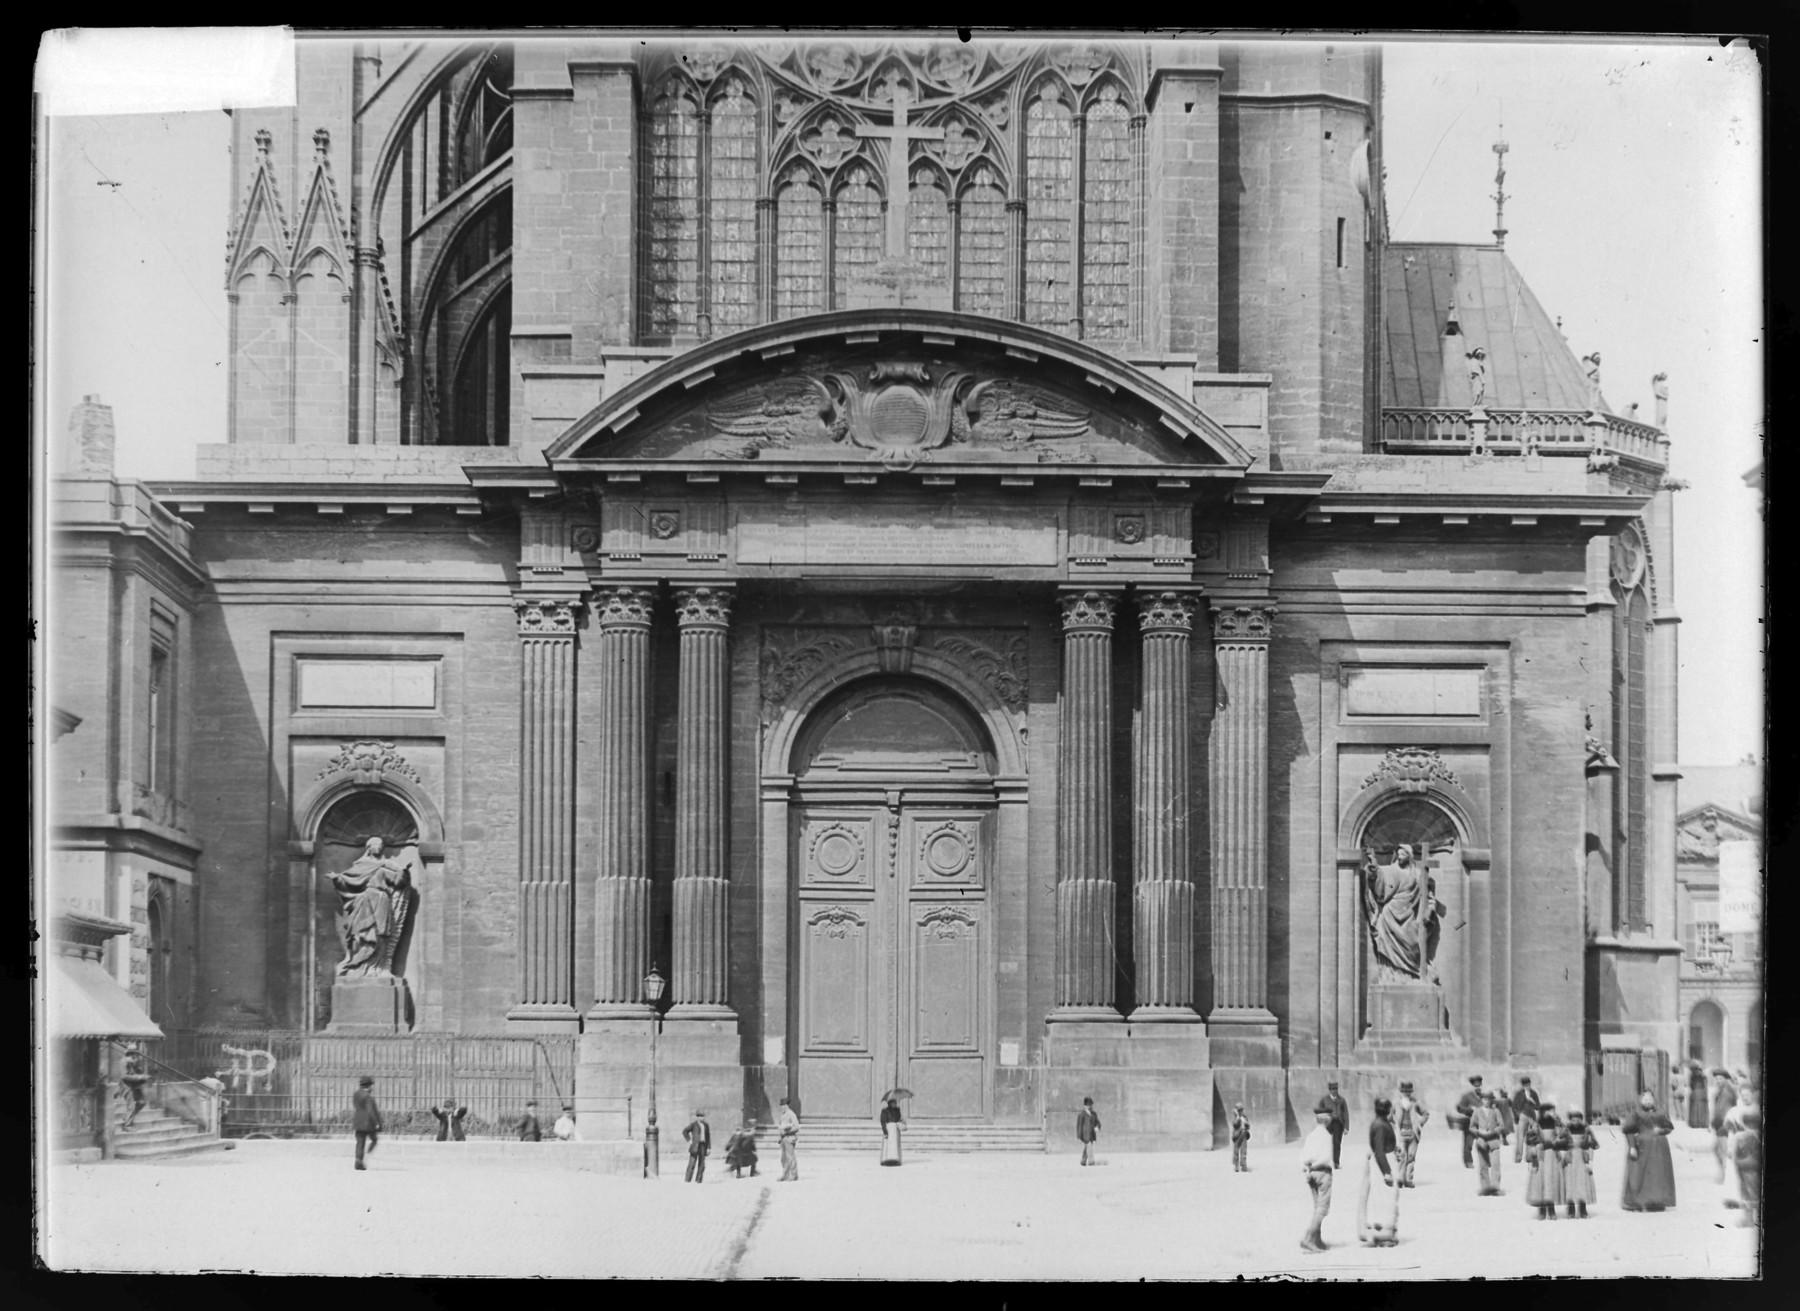 Contenu du Portail ouest, style classique par Blondel